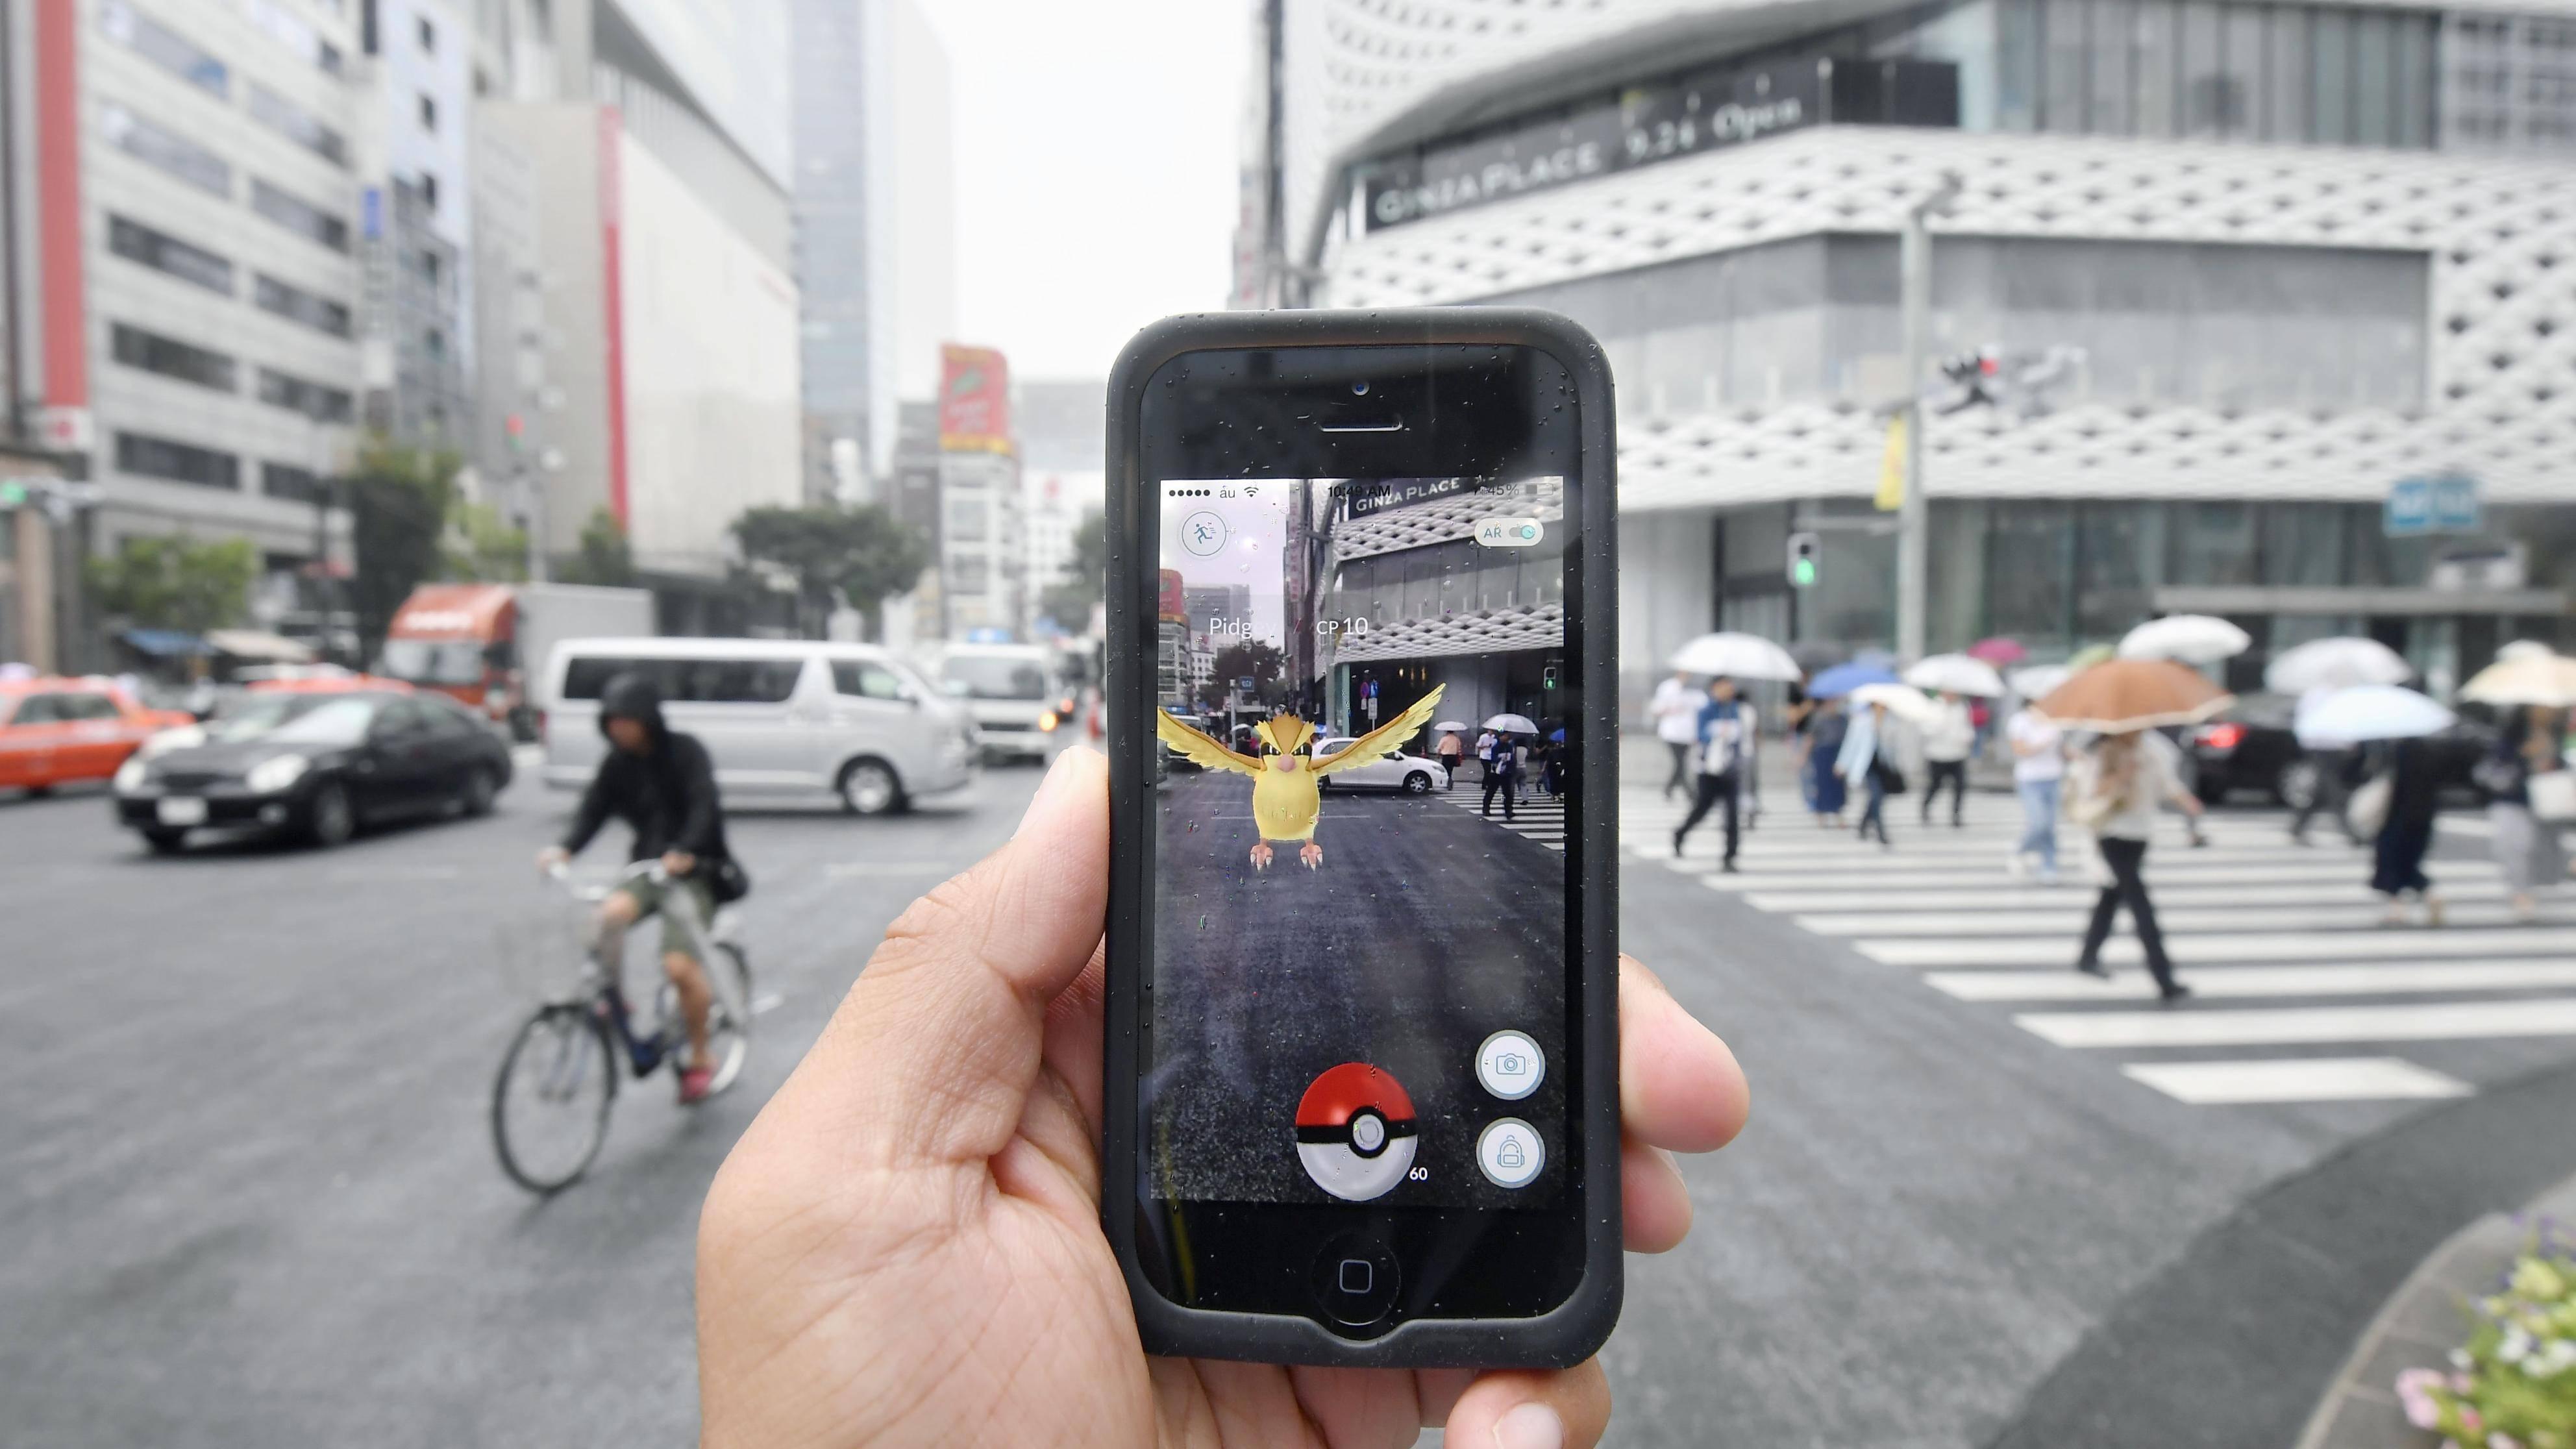 Sierra besiegen bei Pokémon GO: So gelingt es Ihnen